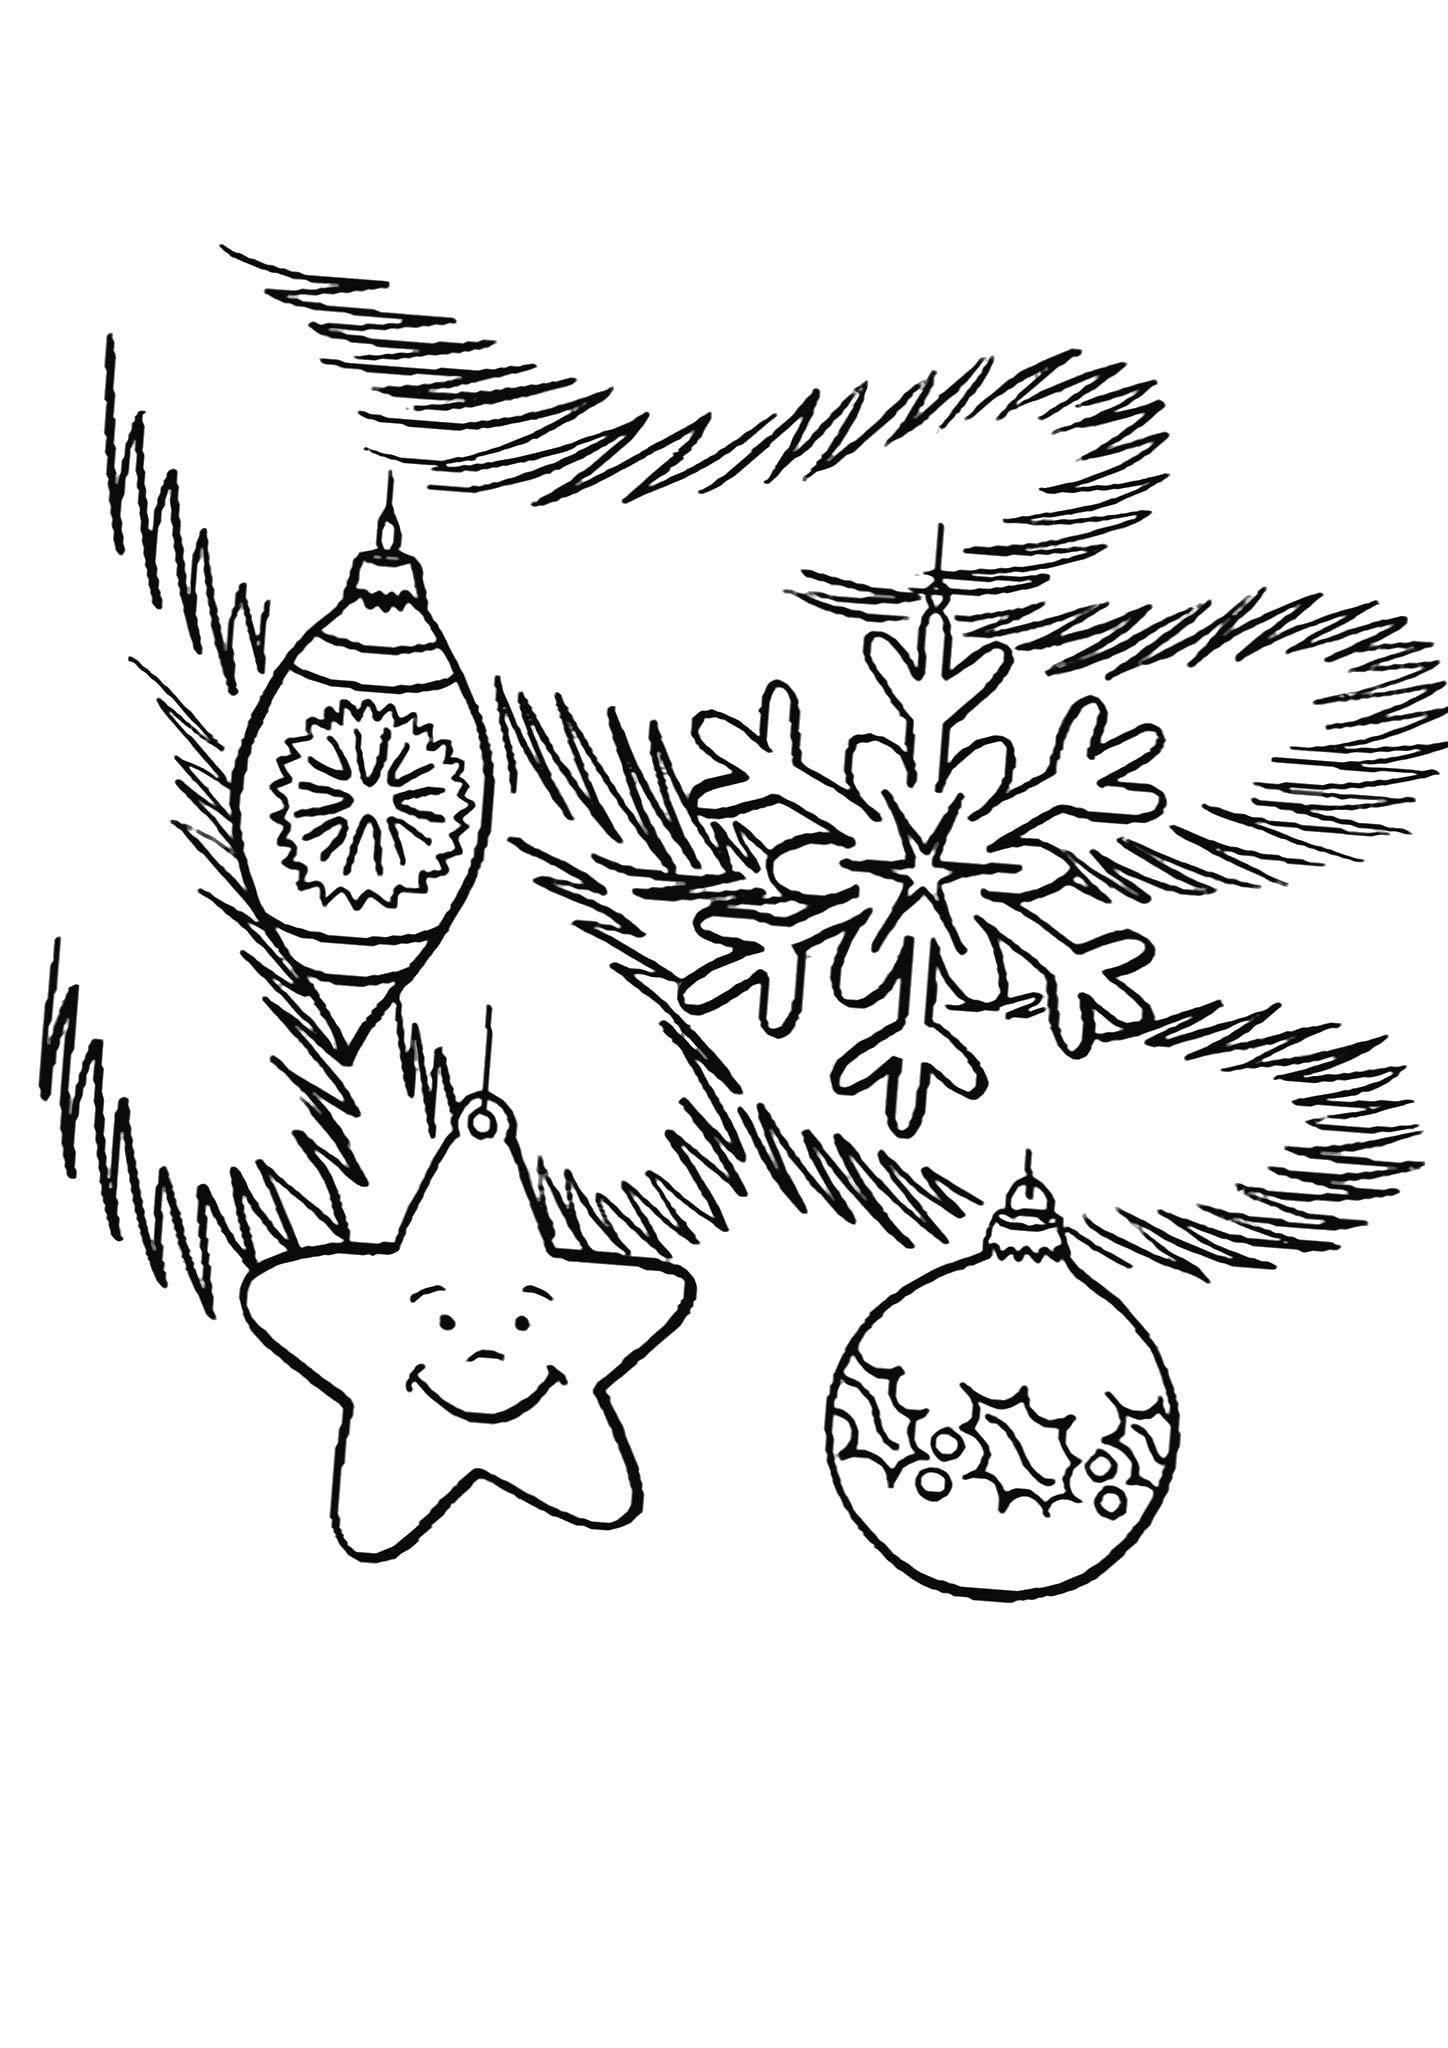 Раскраска Ёлочные игрушки Скачать Новый Год, Новогодняя игрушка.  Распечатать ,новый год,